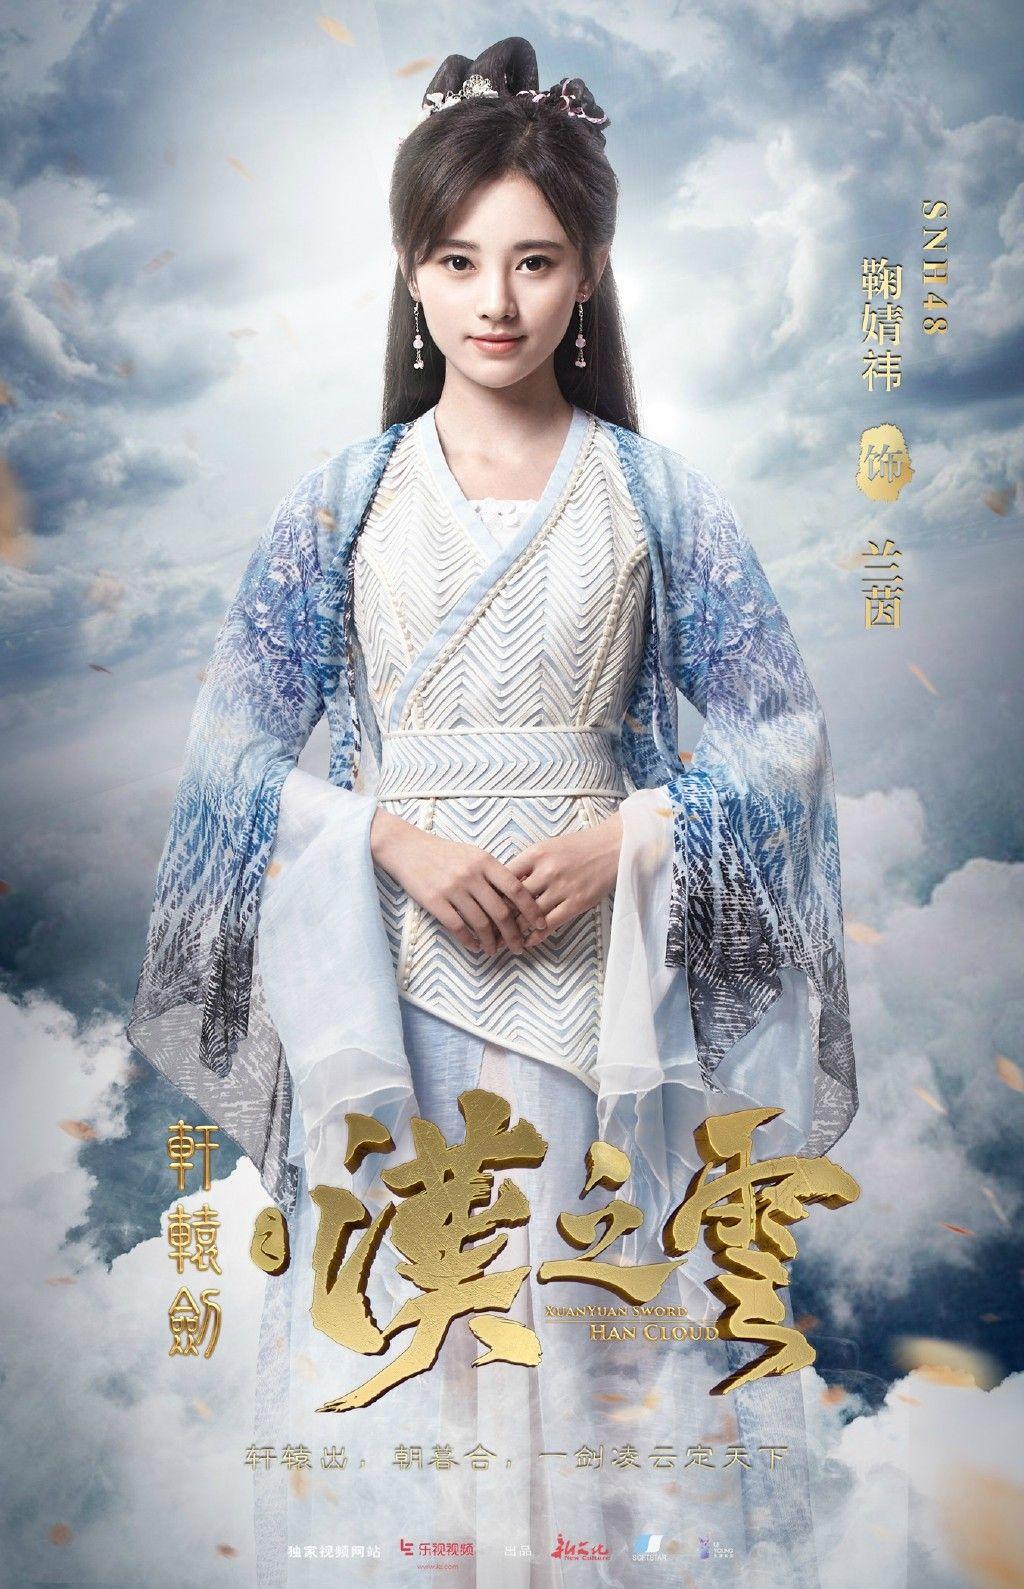 Hiên viên kiếm - Hán chi vân - Xuan Yuan Sword Han Cloud (2017)